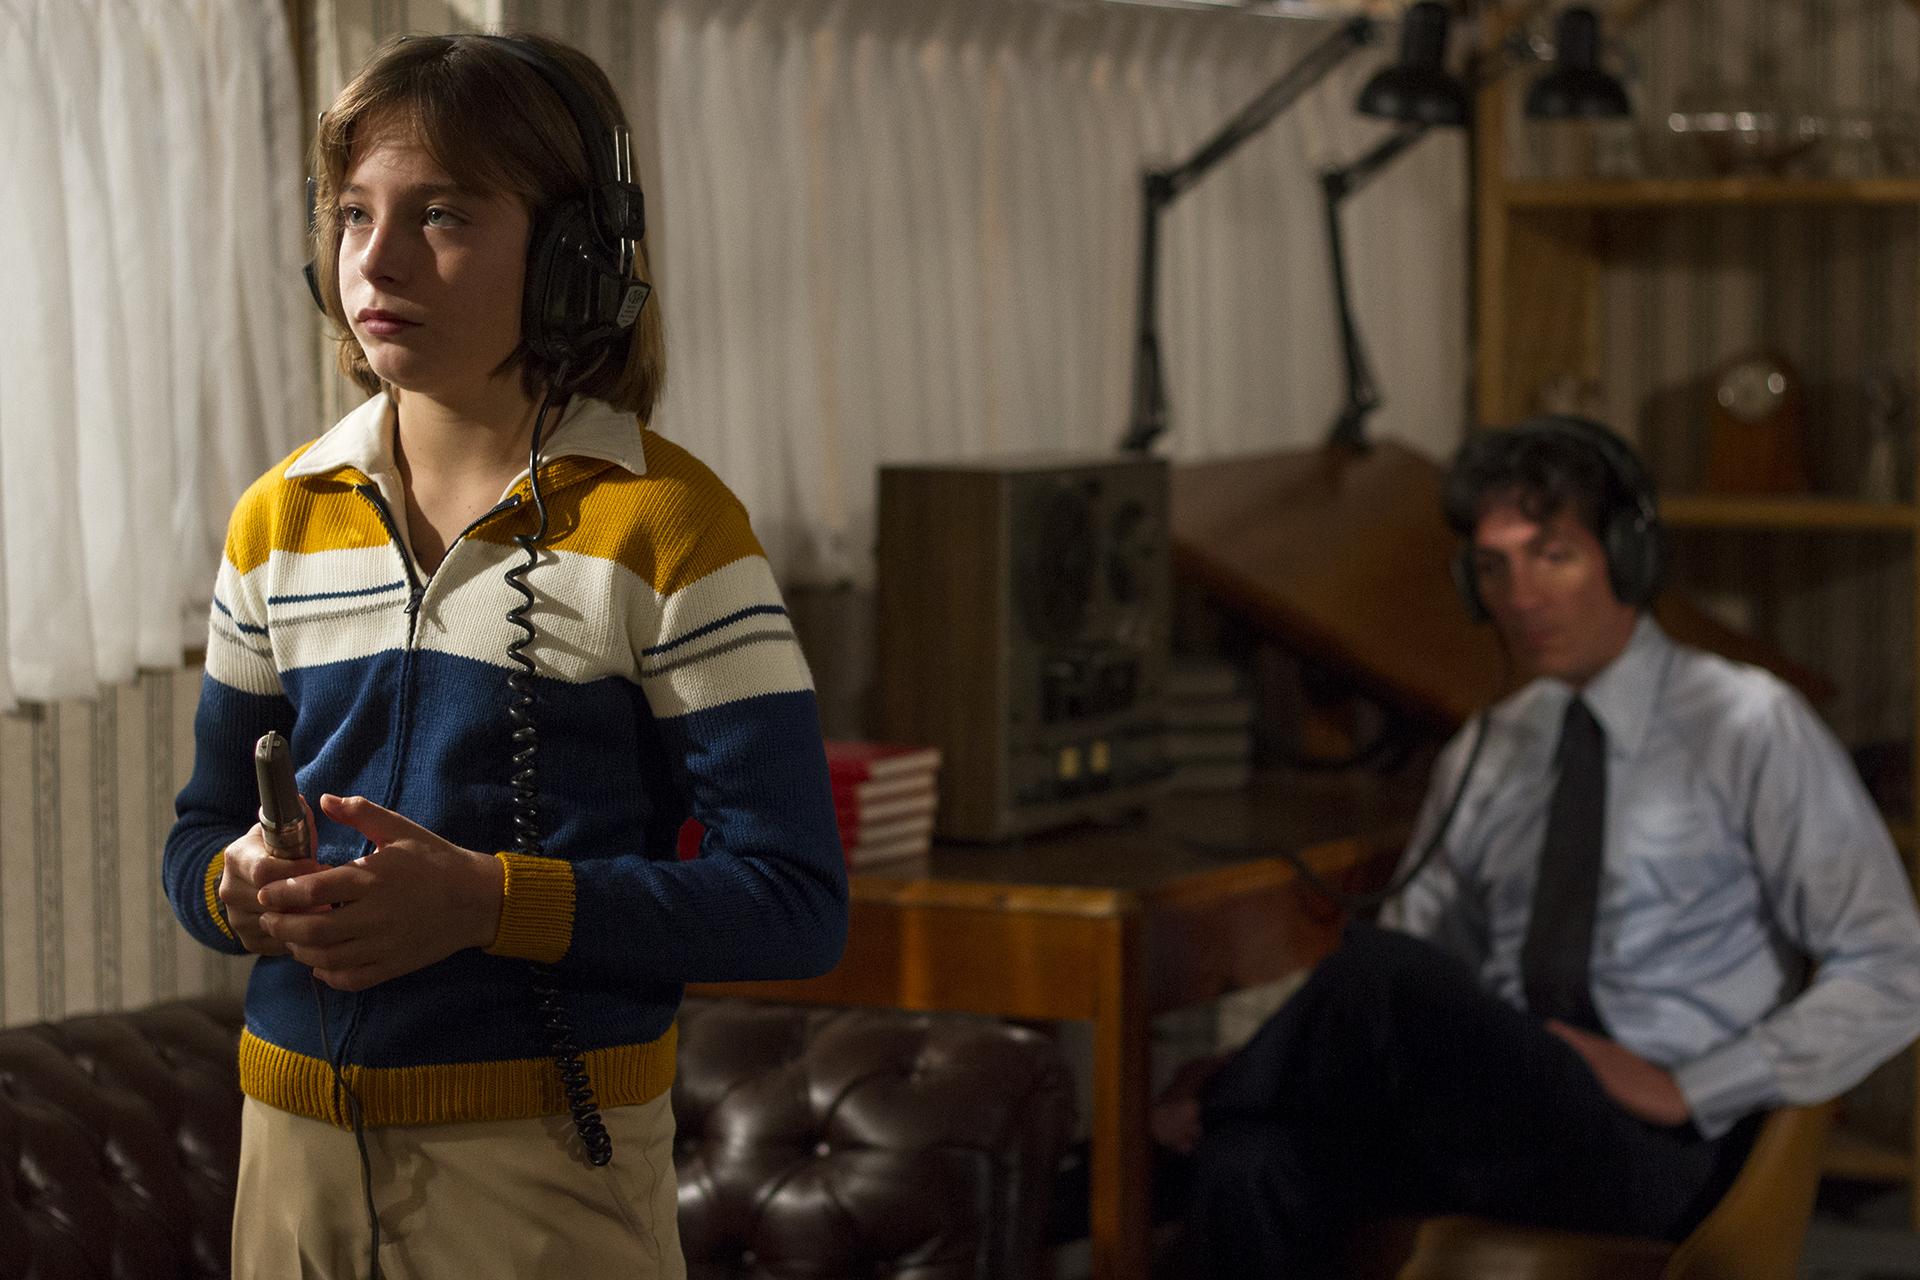 Izan Llunas, el actor que interpreta a Luis Miguel en su niñez en la serie de Netflix, en una de las escenas que recrea el rodaje de su primera película